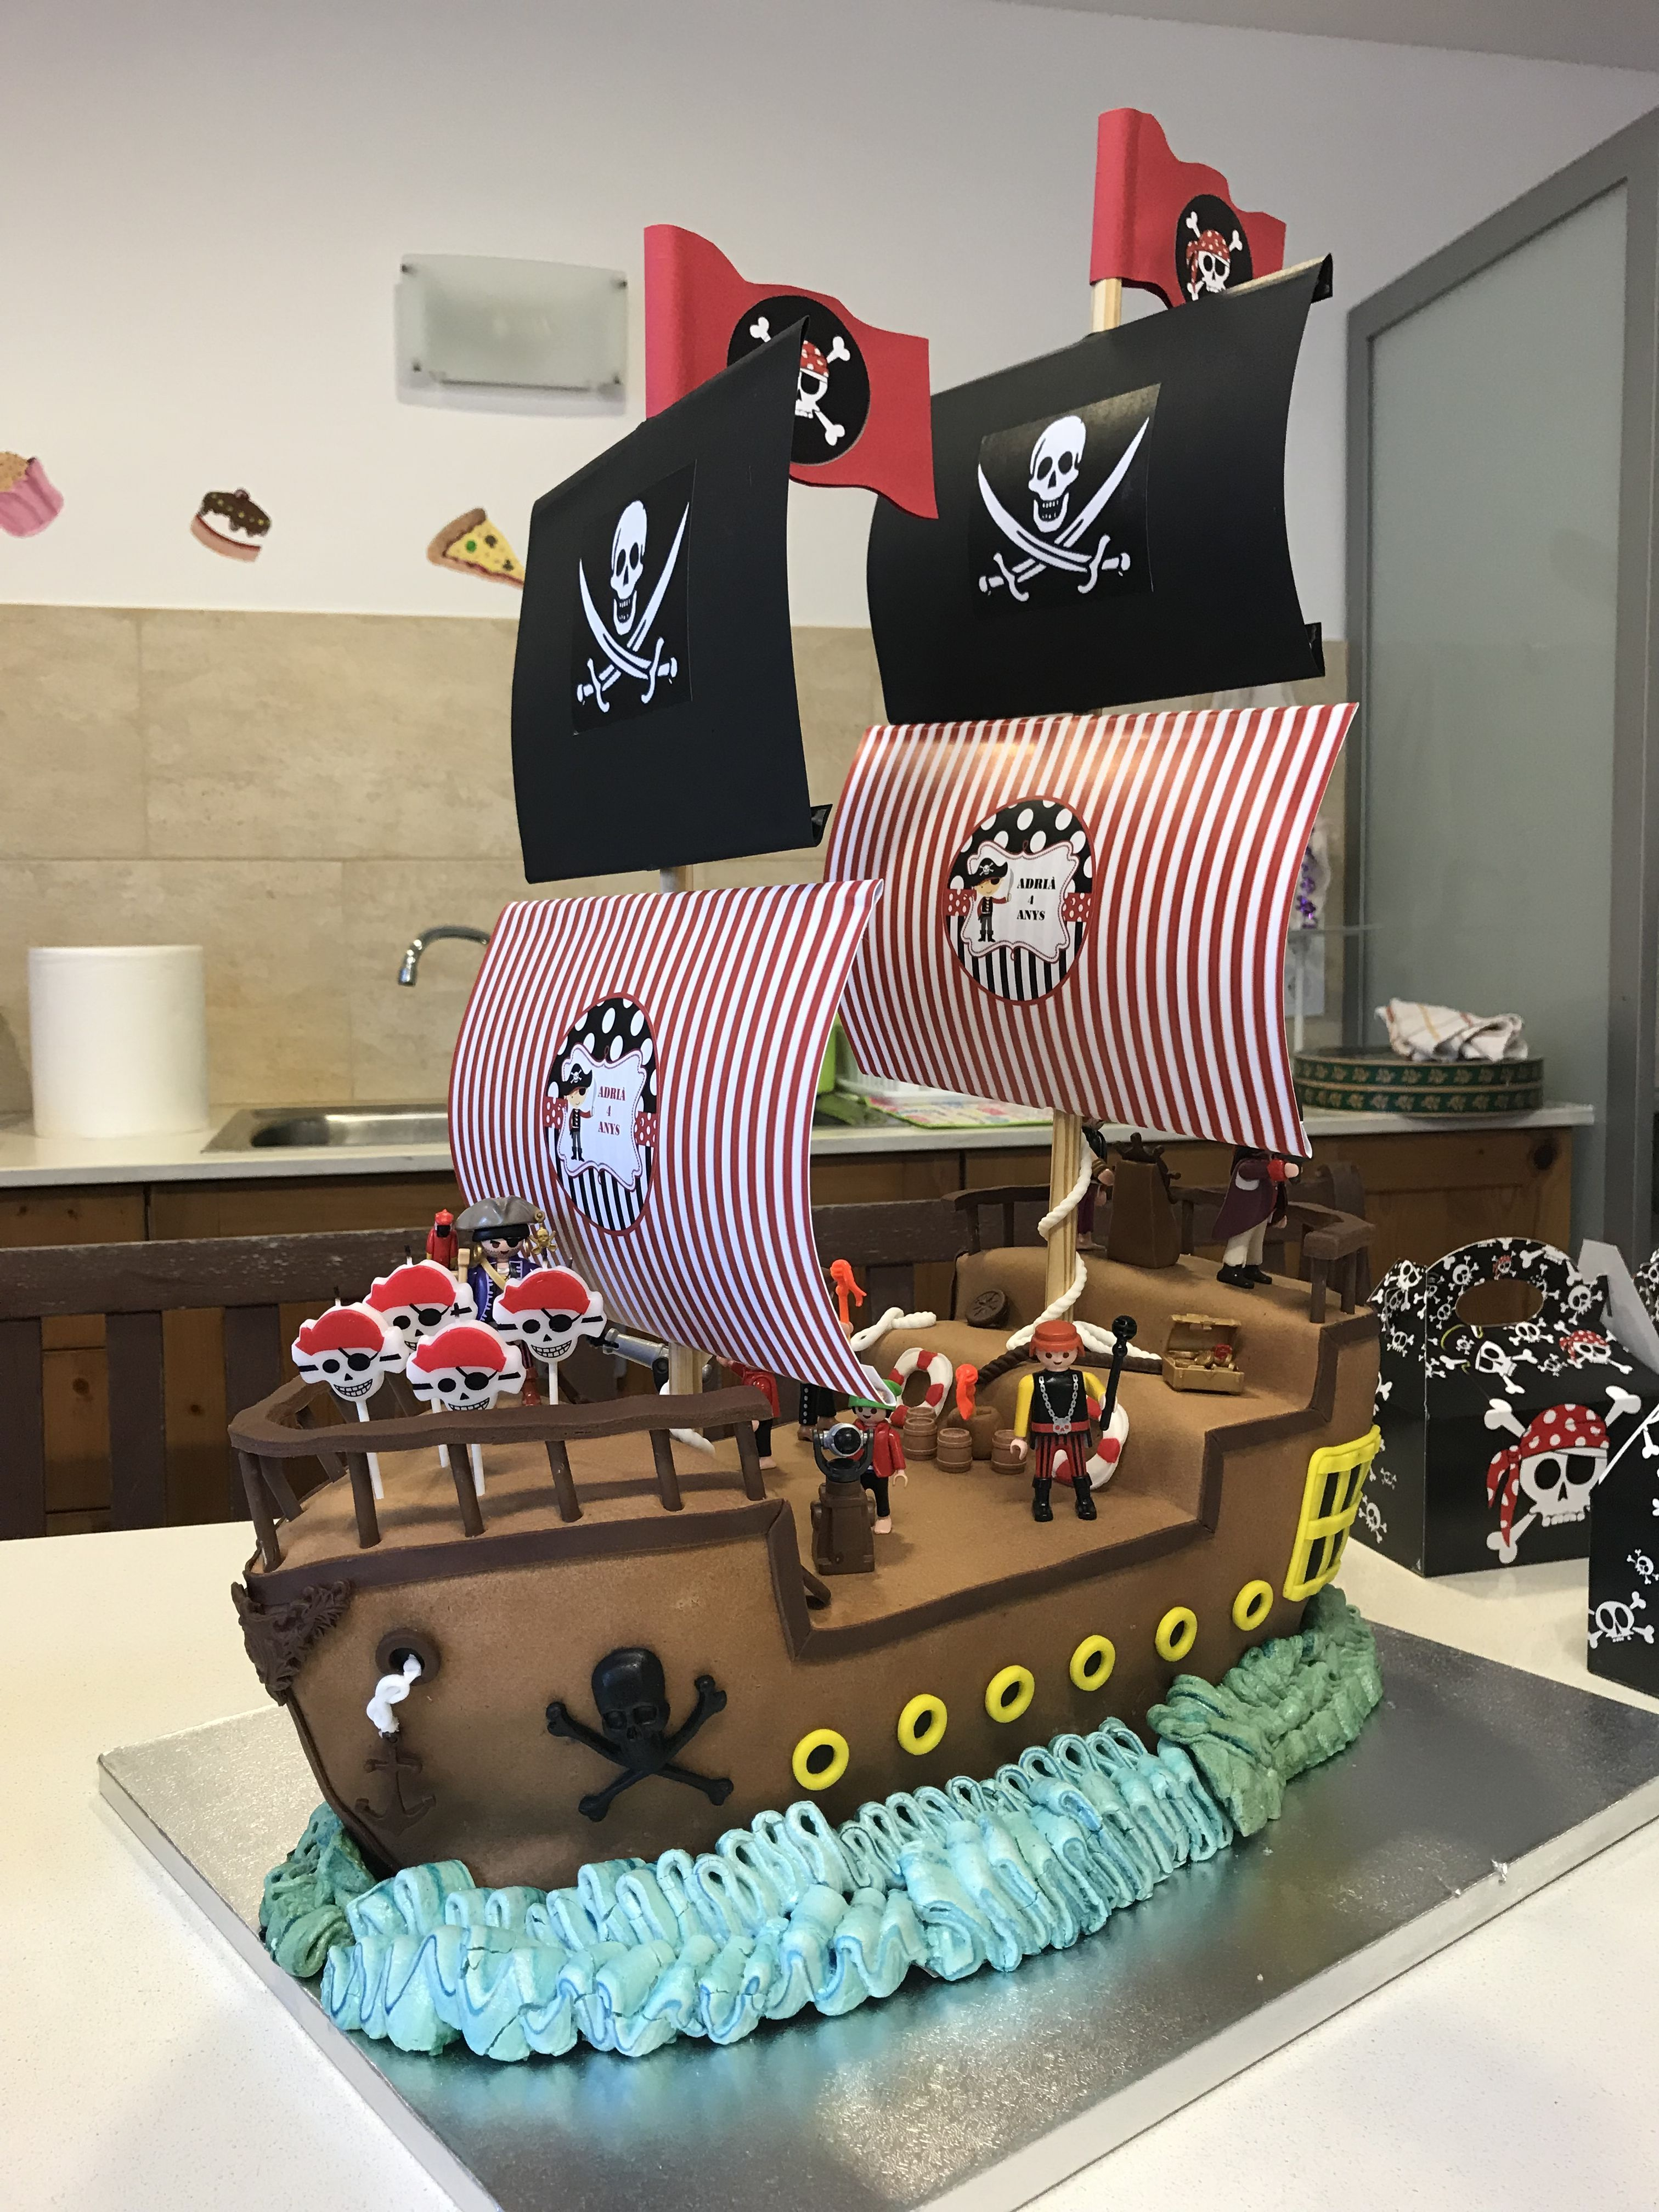 украсить пиратскую вечеринку своими руками фото дома, котором расположена